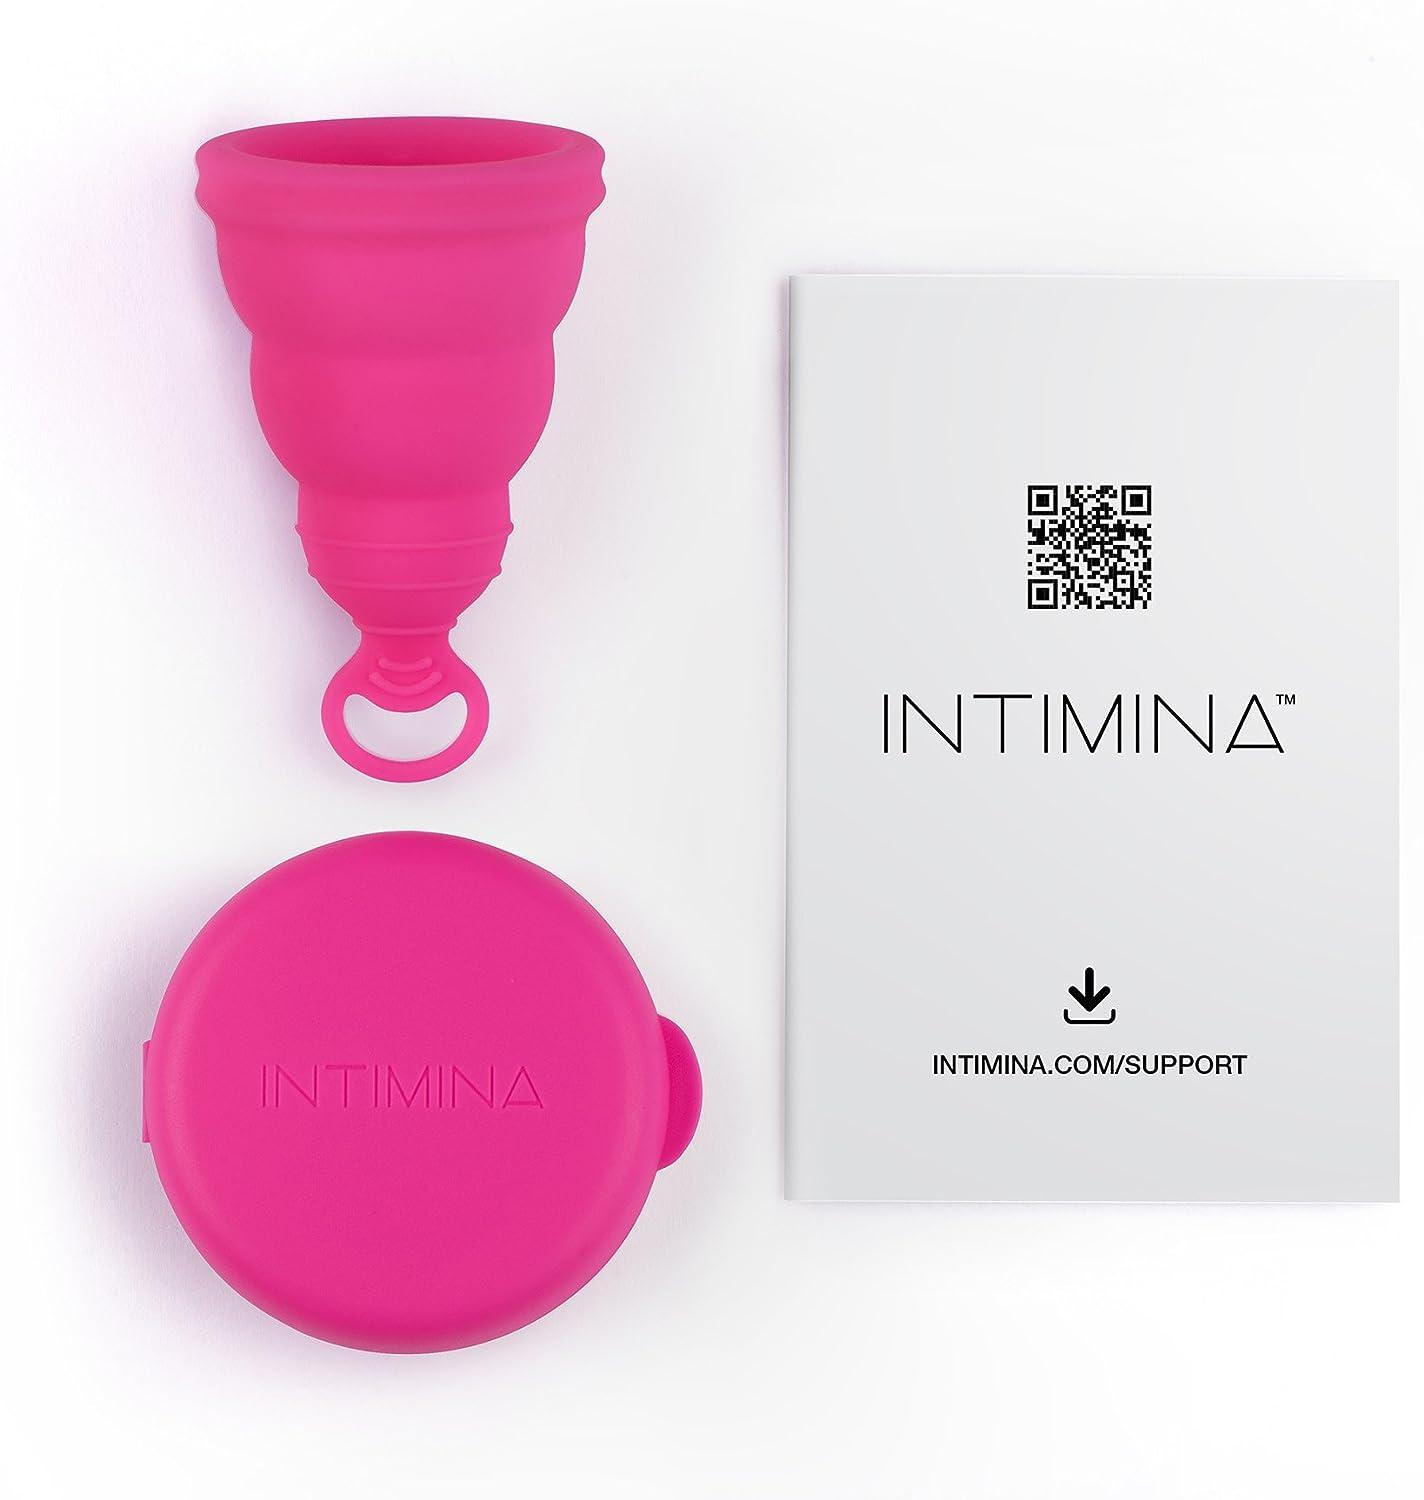 INTIMINA Lily Cup One – Copa menstrual compacta para principiantes con anillo de extracción